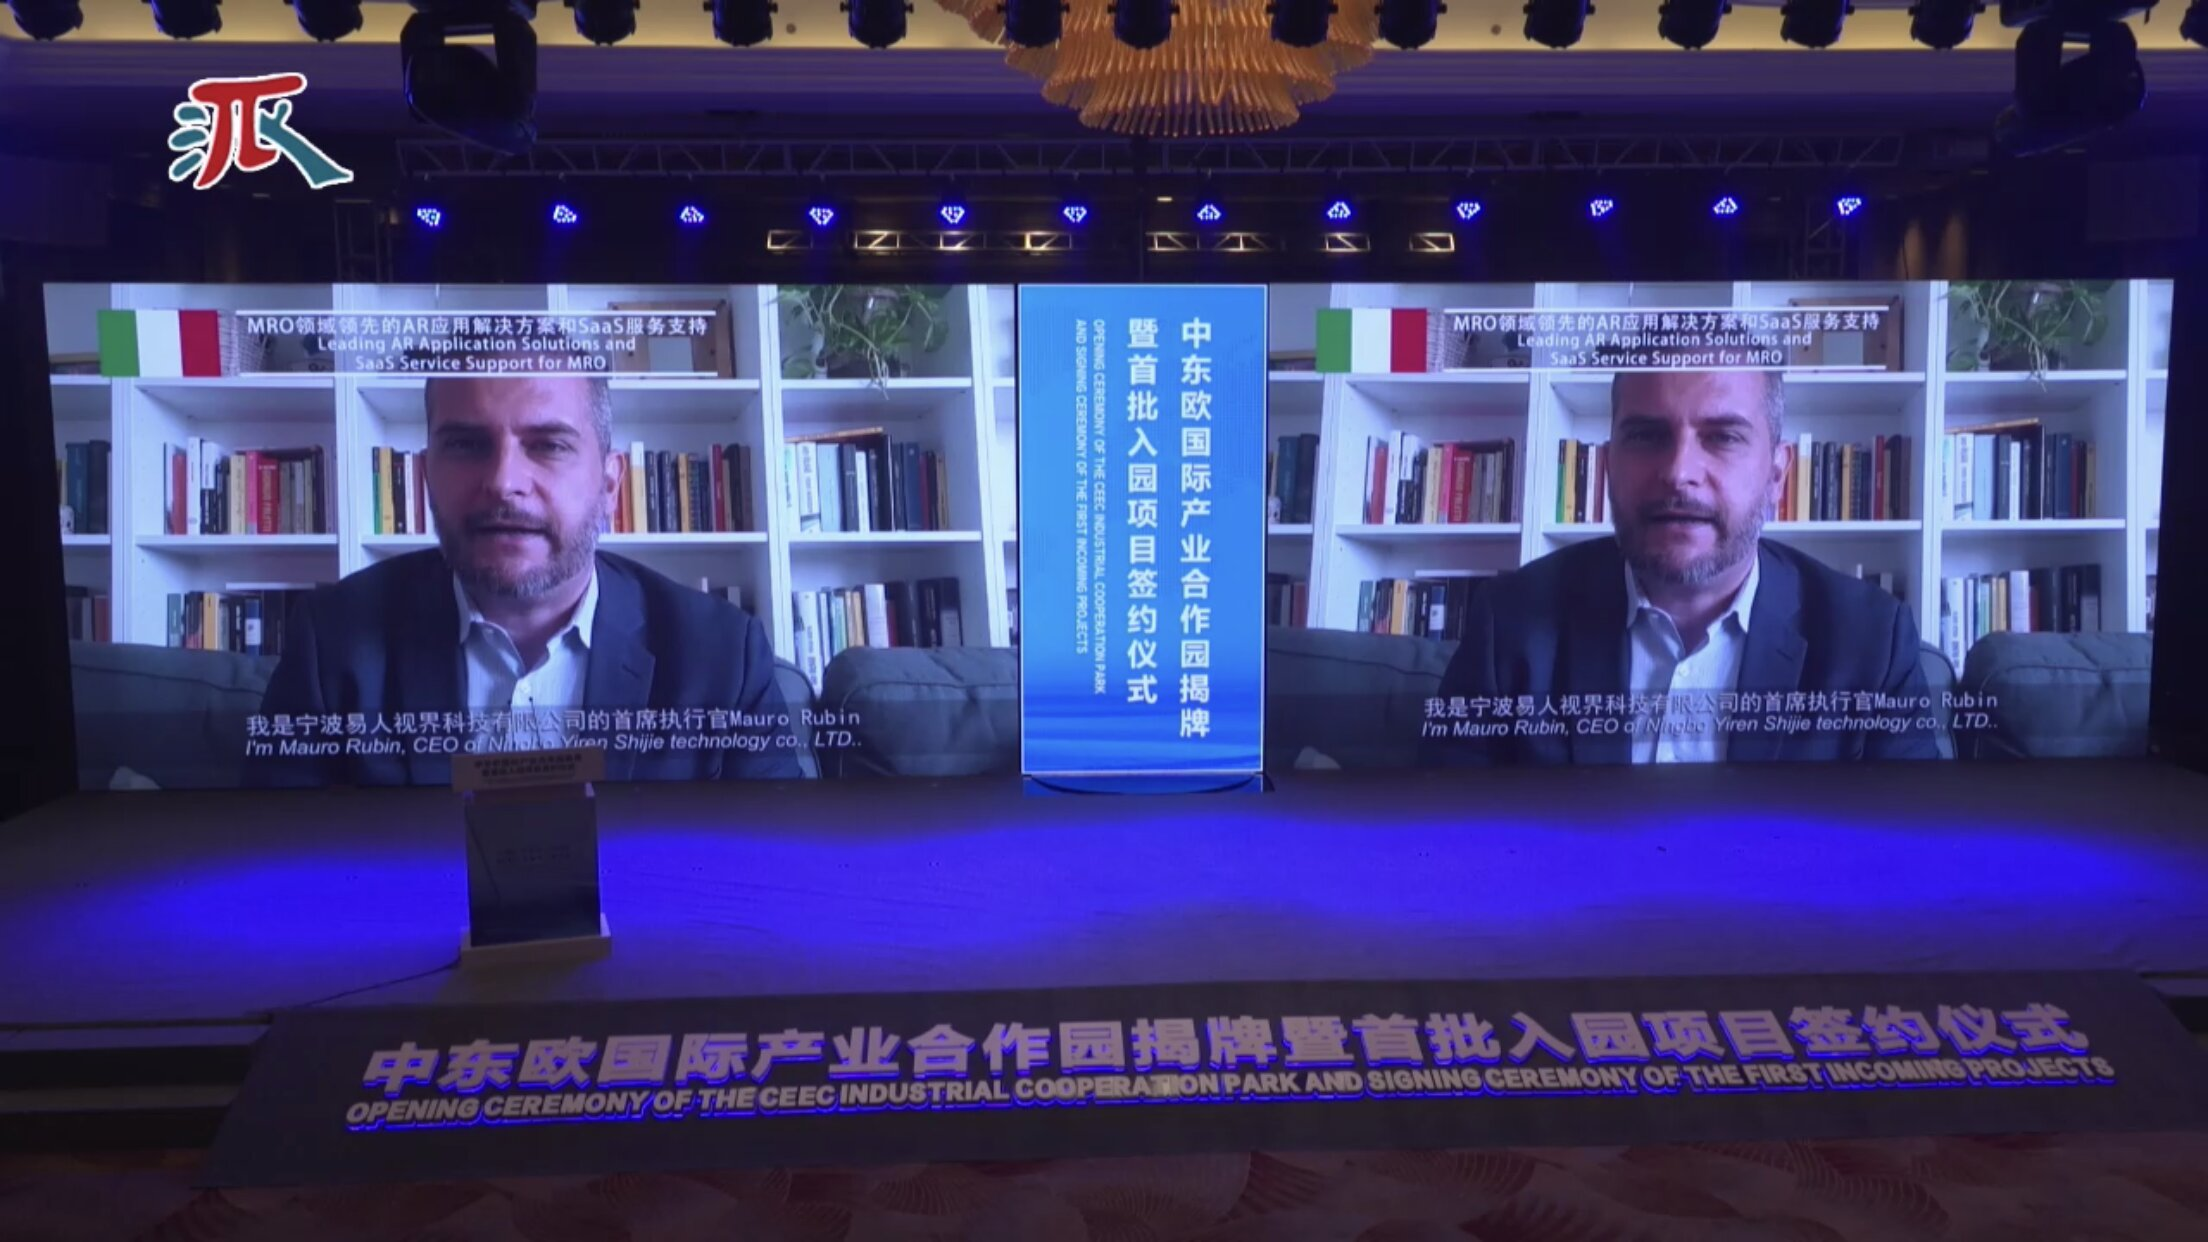 Mauro Rubin parla online durante la cerimonia di apertura del CEEC Industrial Cooperation Park e la cerimonia di canto dei primi progetti in arrivo in Cina